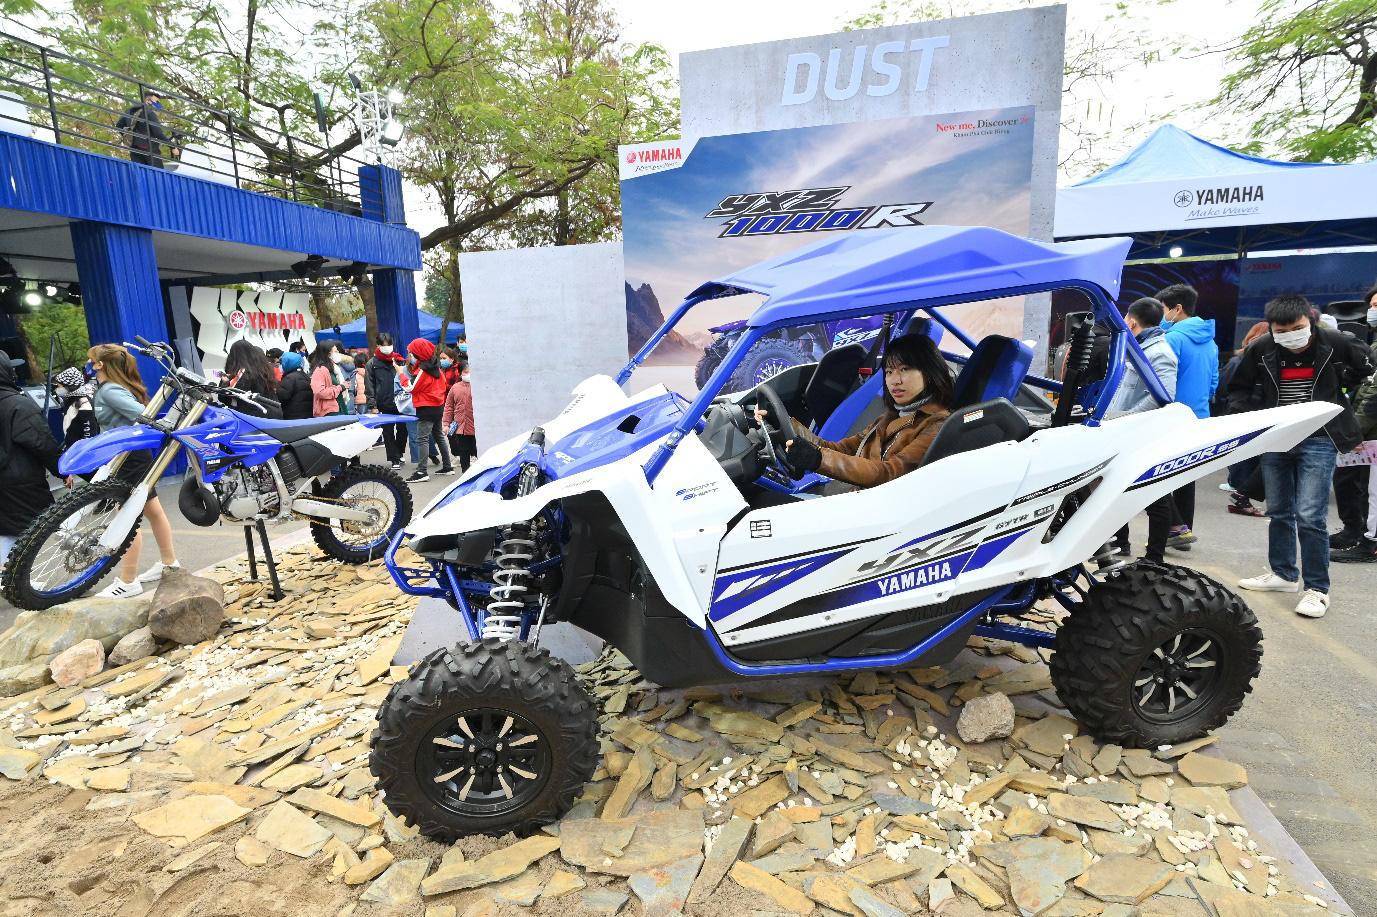 Yamaha Motor tiên phong tạo ra triển lãm motor show theo phong cách riêng chưa từng có tại Việt Nam - Ảnh 5.